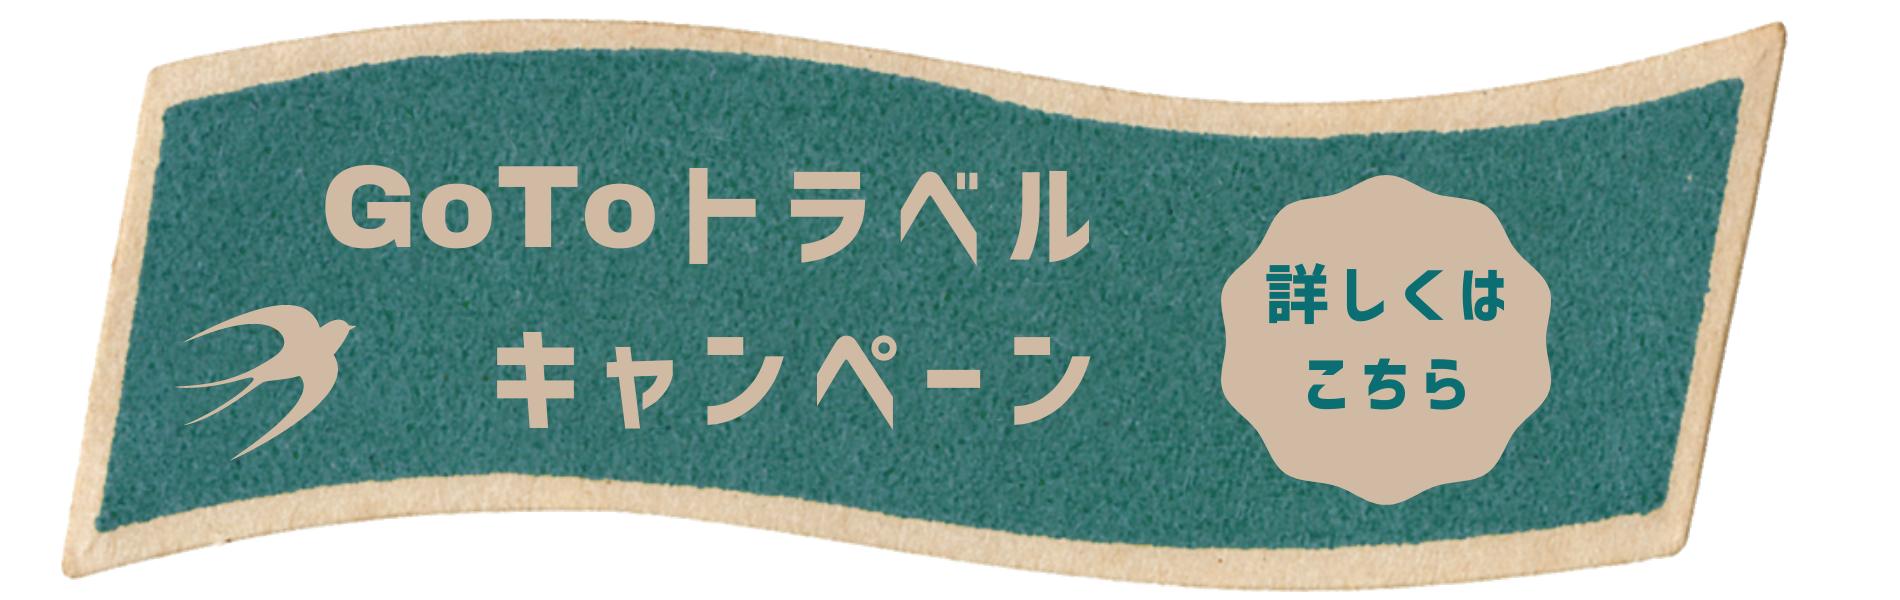 GoToトラベル旅行者向け公式サイト